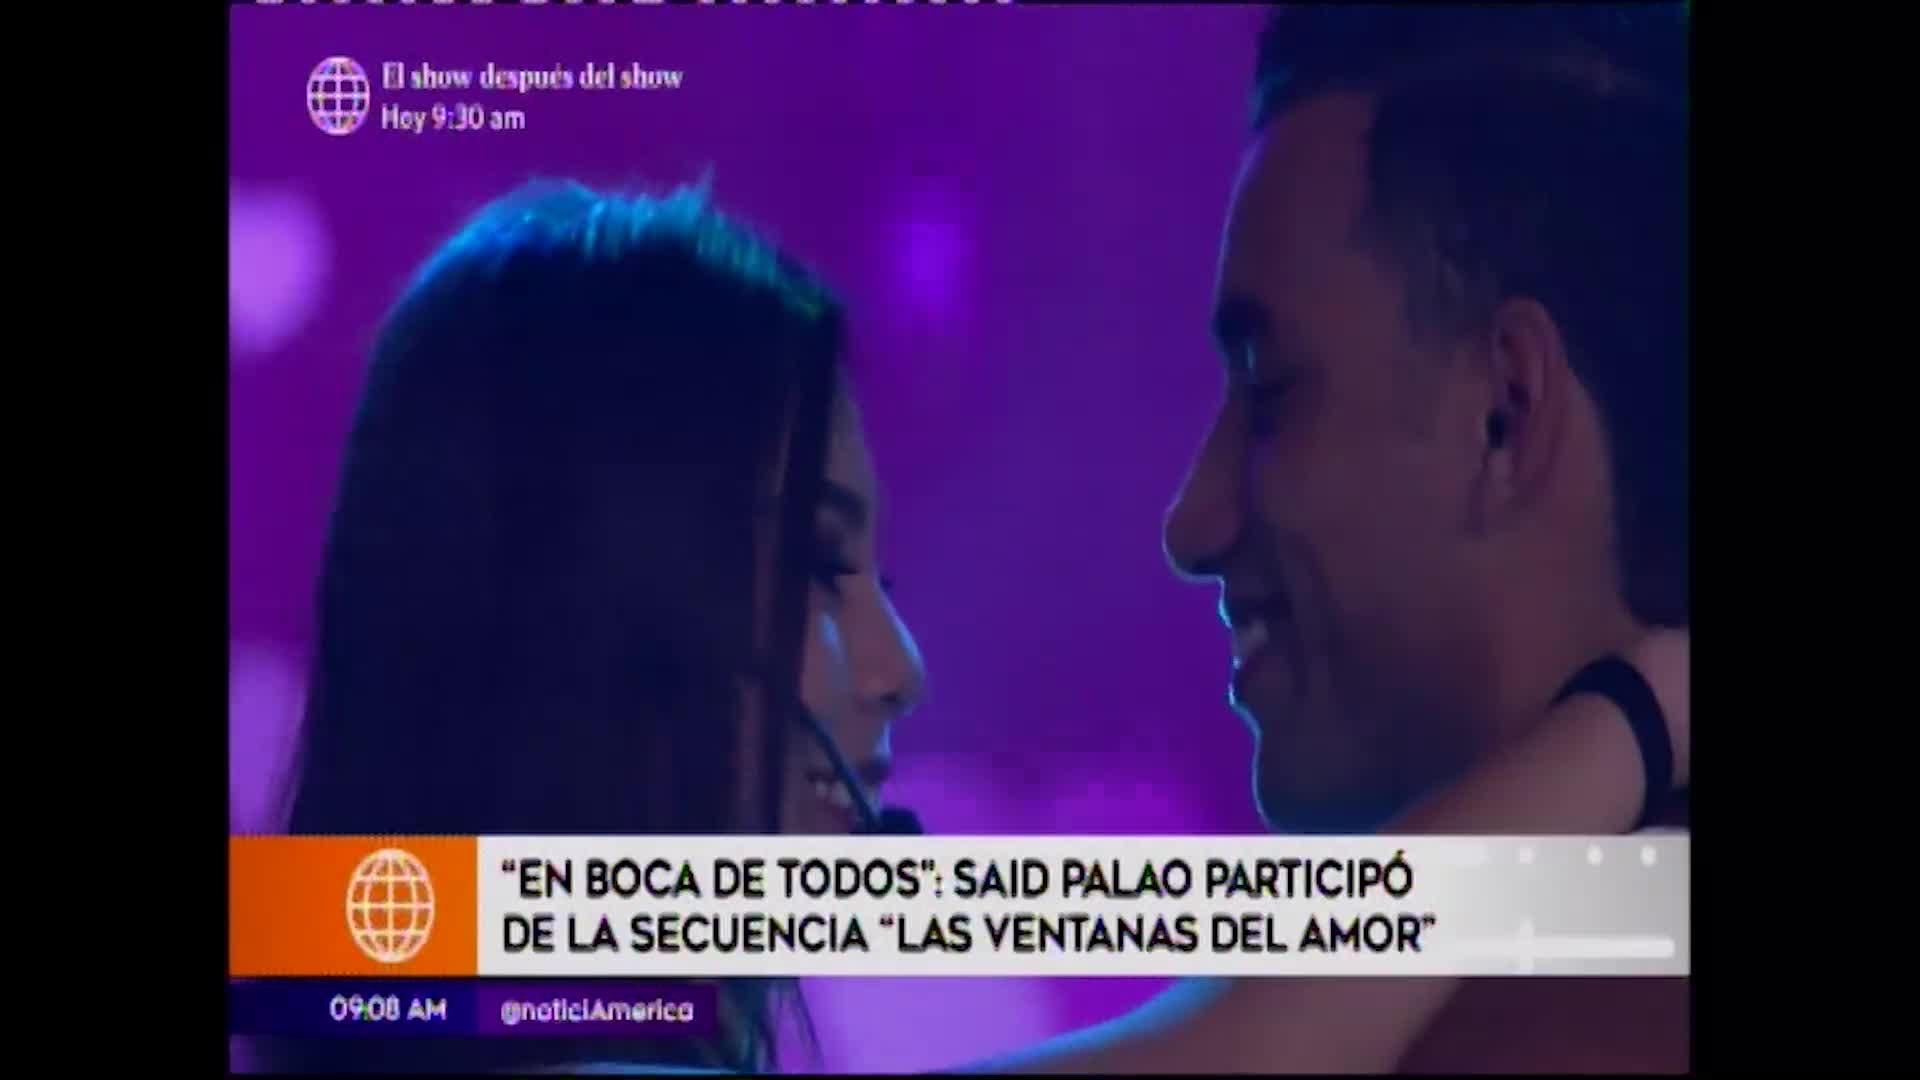 EBT: Said Palao formó parte de secuencia para encontrar pareja